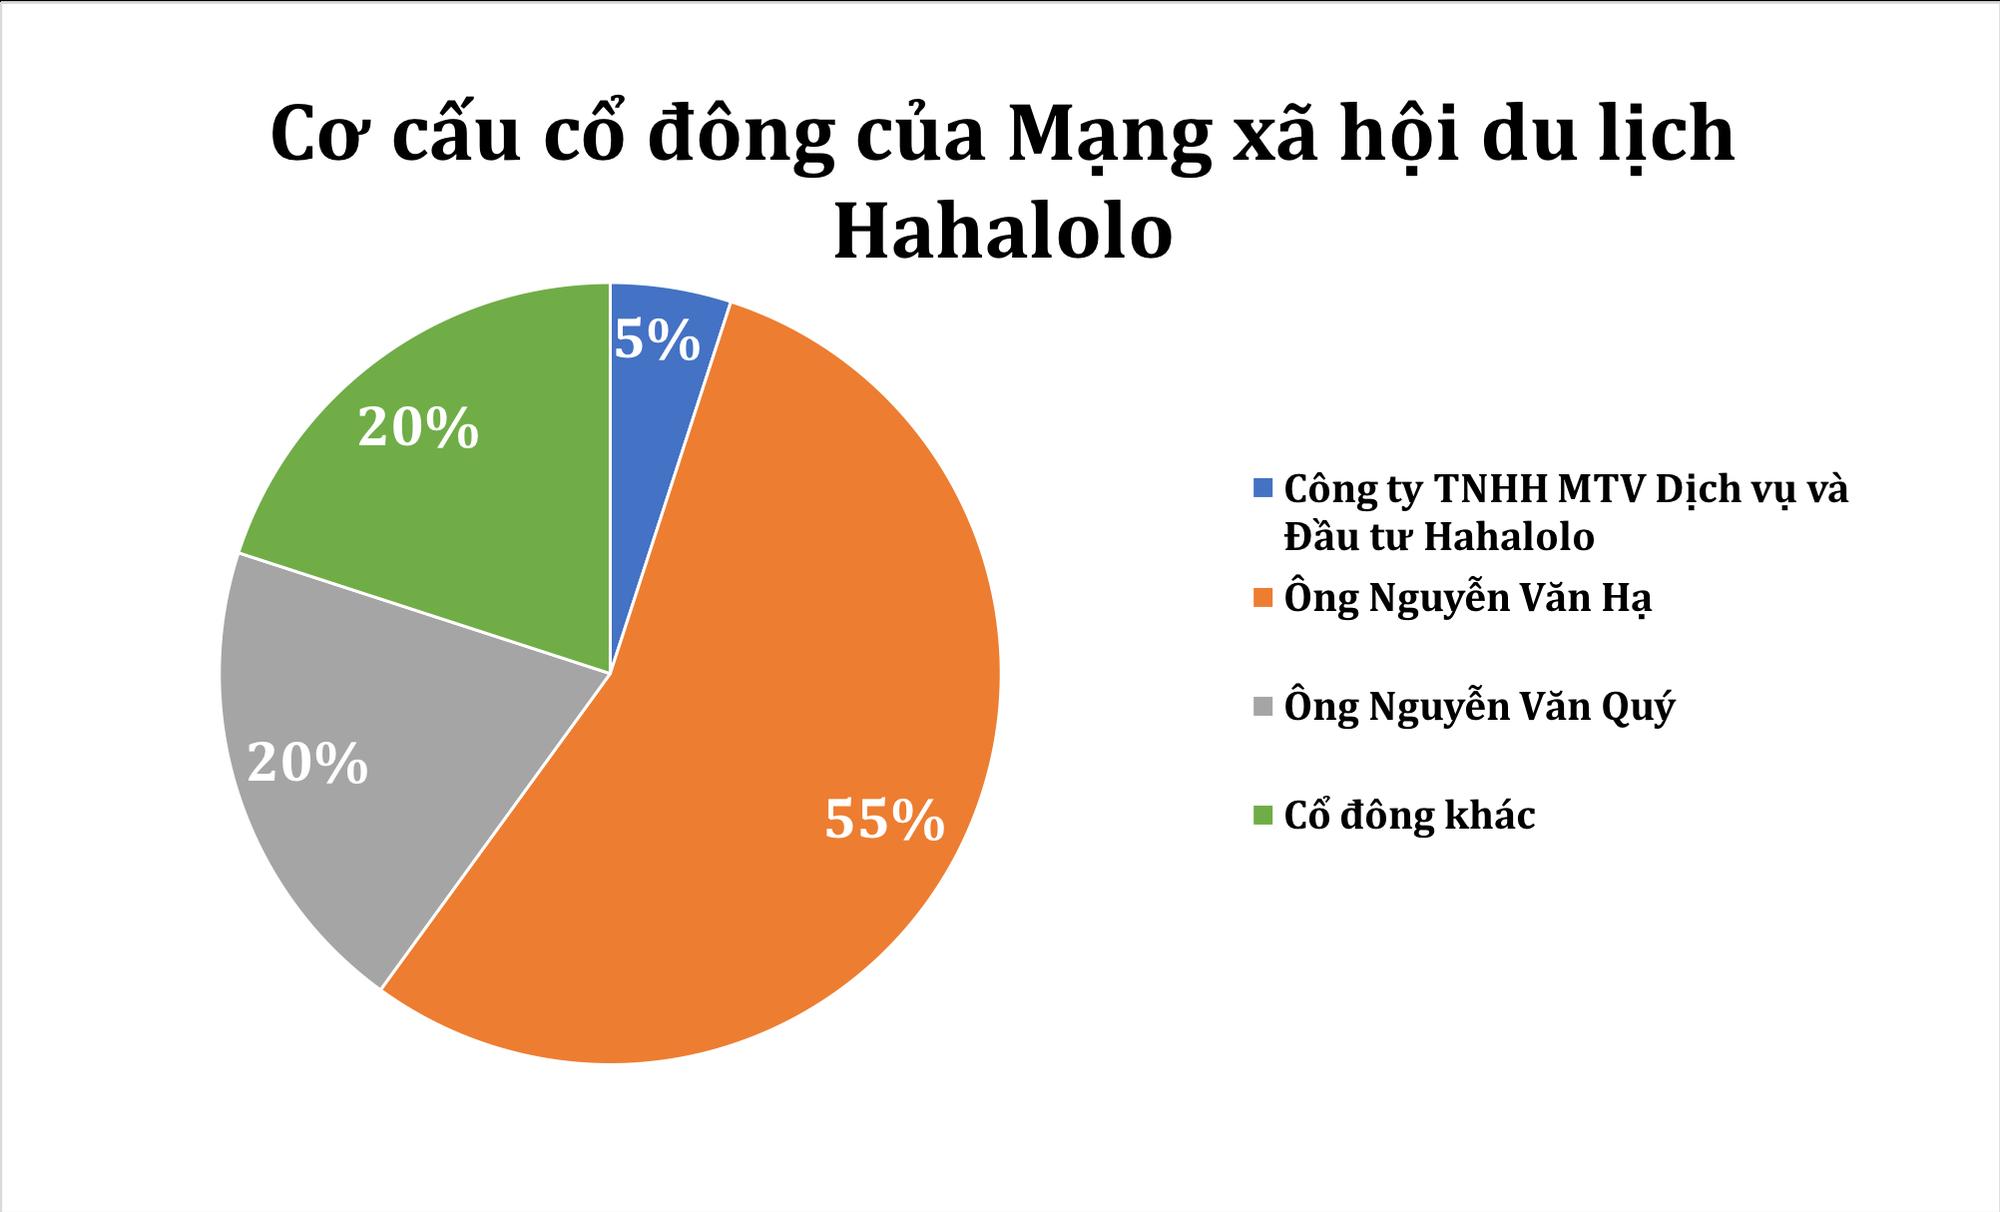 Ai đang sở hữu Hahalolo - mạng xã hội du lịch với tham vọng khủng 2 tỉ người dùng và niêm yết chứng khoán tại Mỹ? - Ảnh 1.